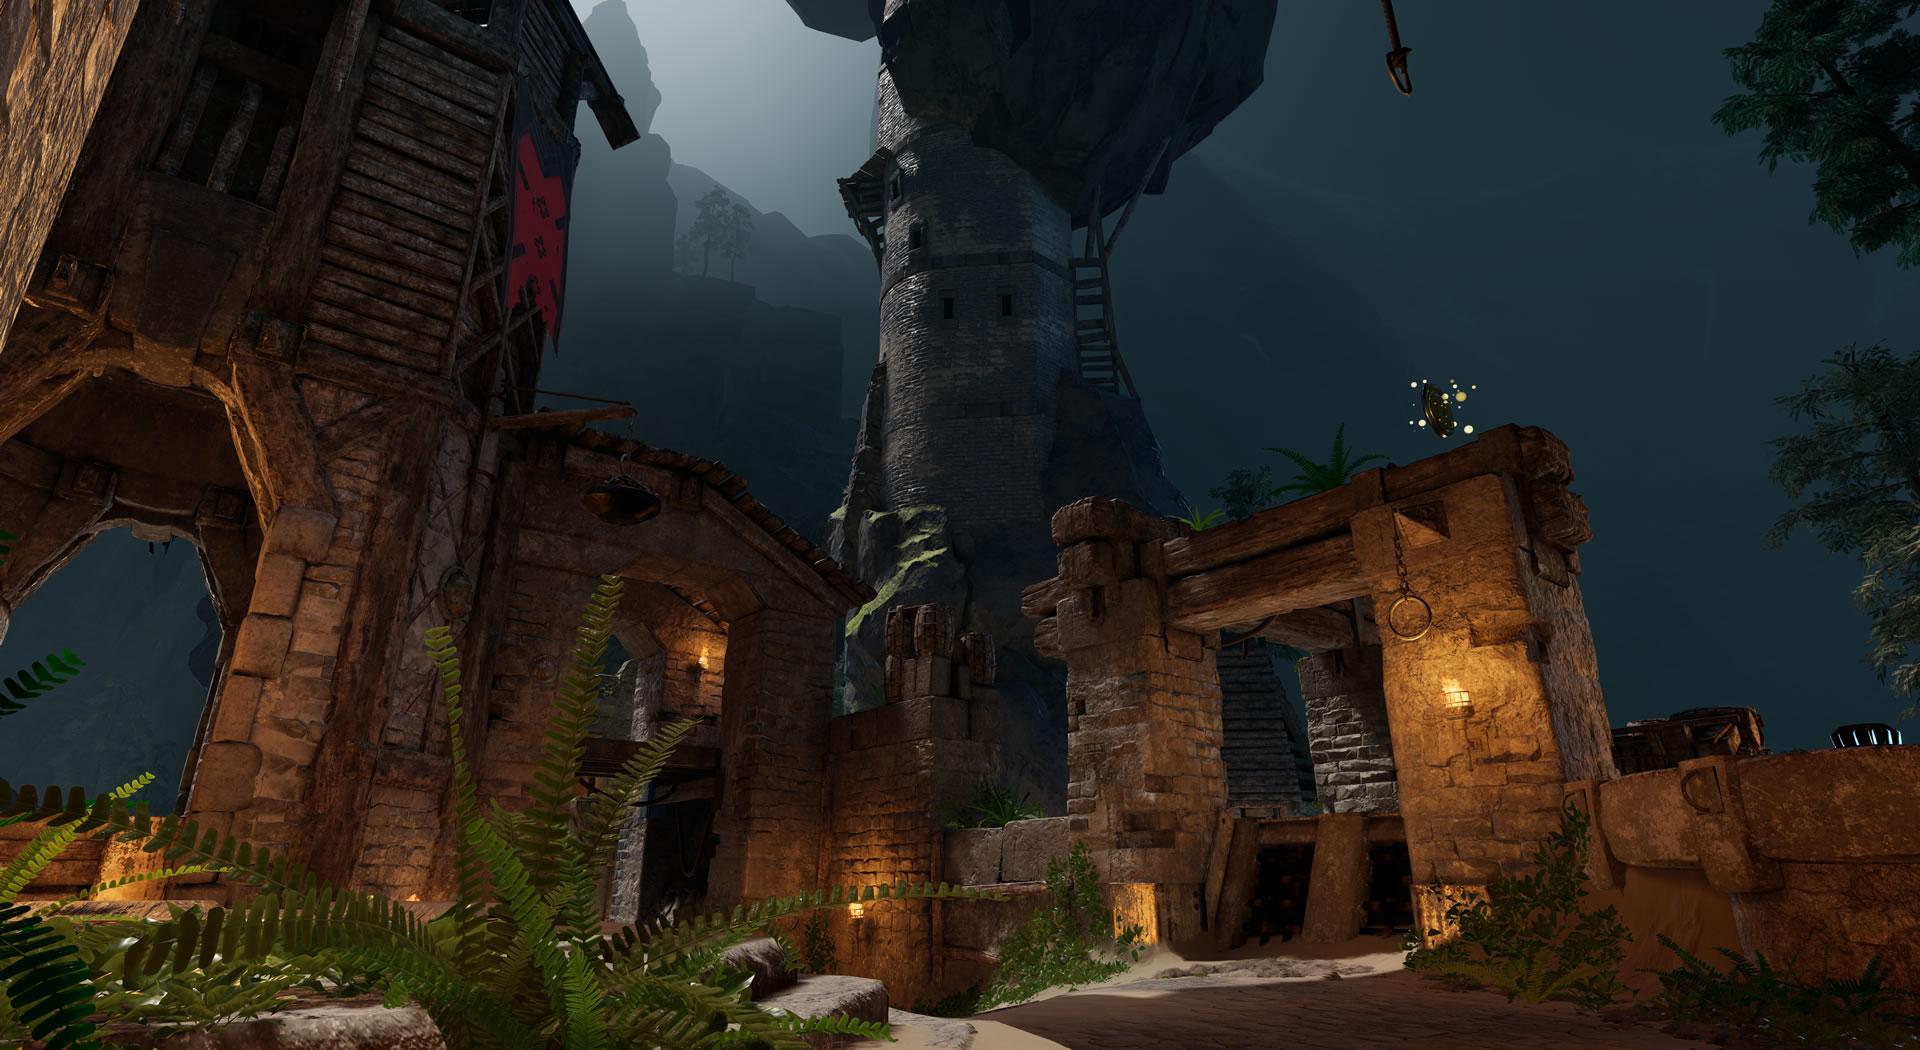 Unreal Tournament - 'Underland' Trailer 2